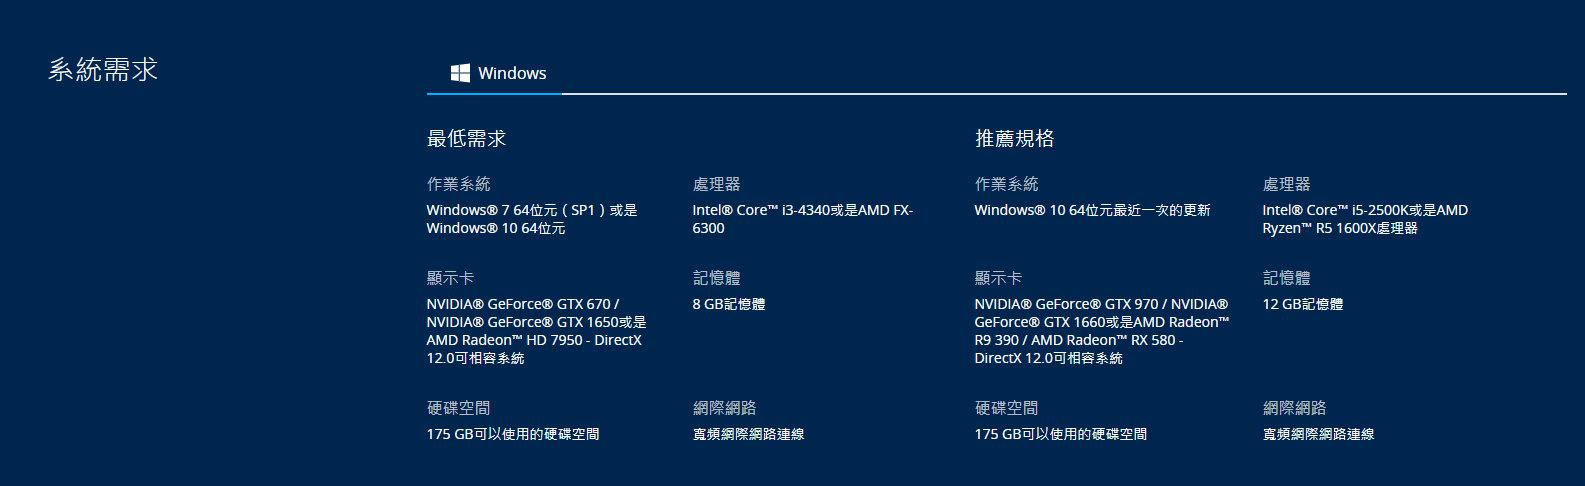 《決勝時刻16》PC配置正式公佈 要求175GB硬碟空間